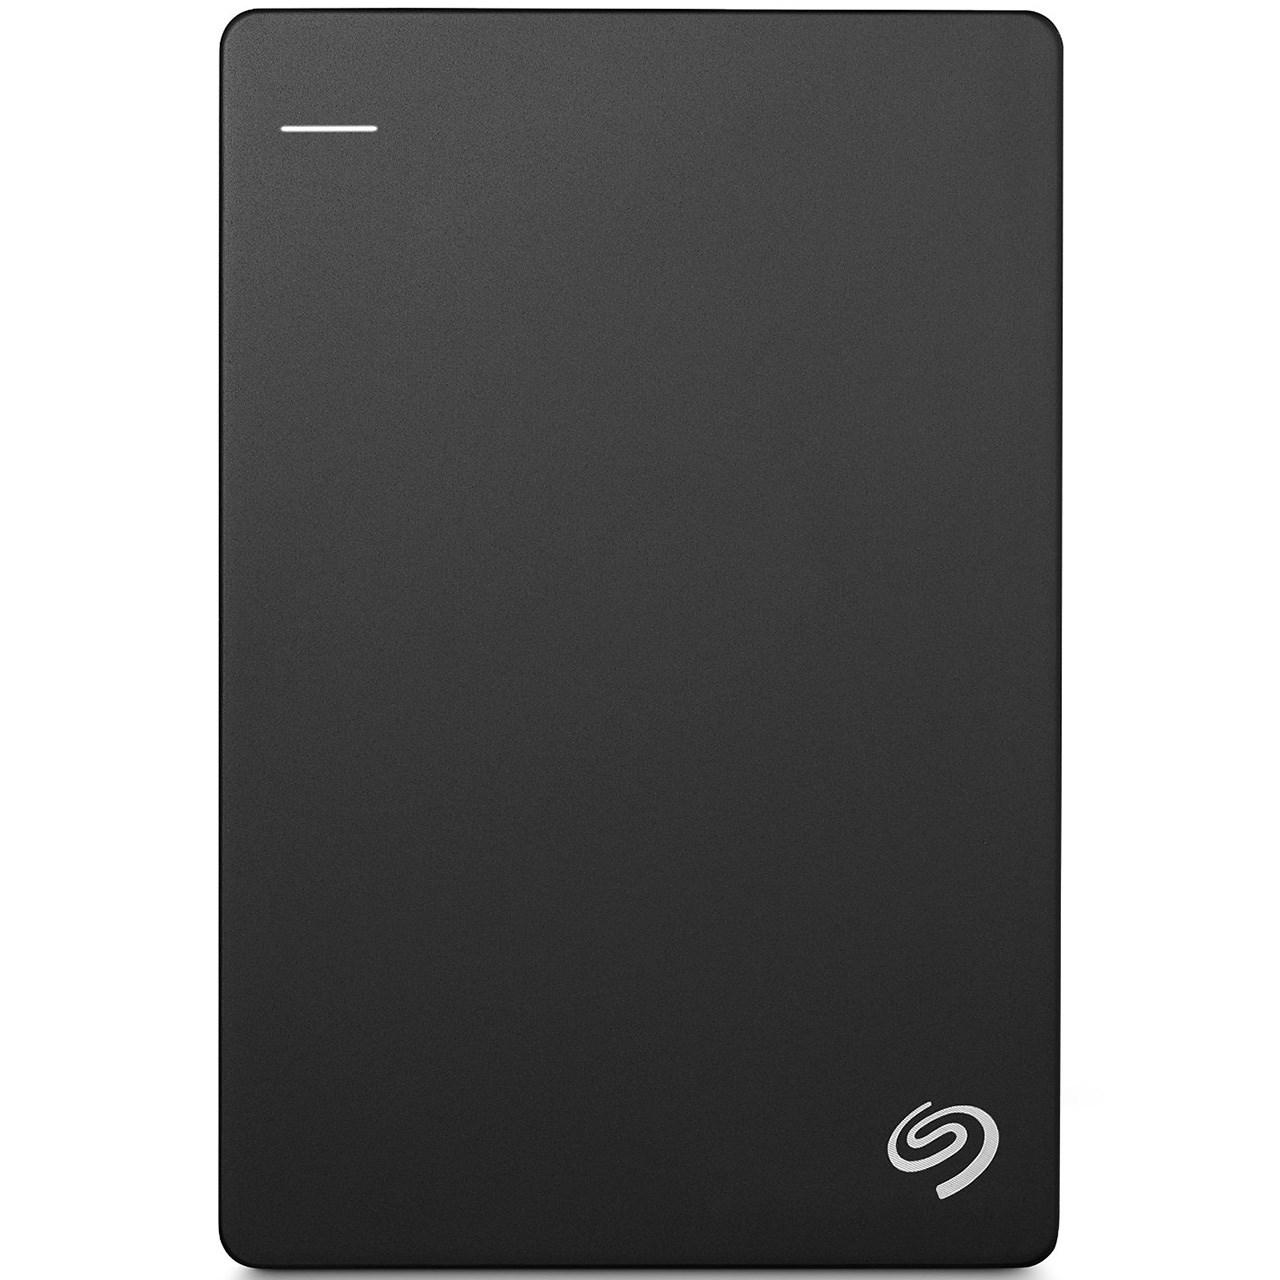 هارد اکسترنال سیگیت مدل Backup Plus Slim ظرفیت 2 ترابایت